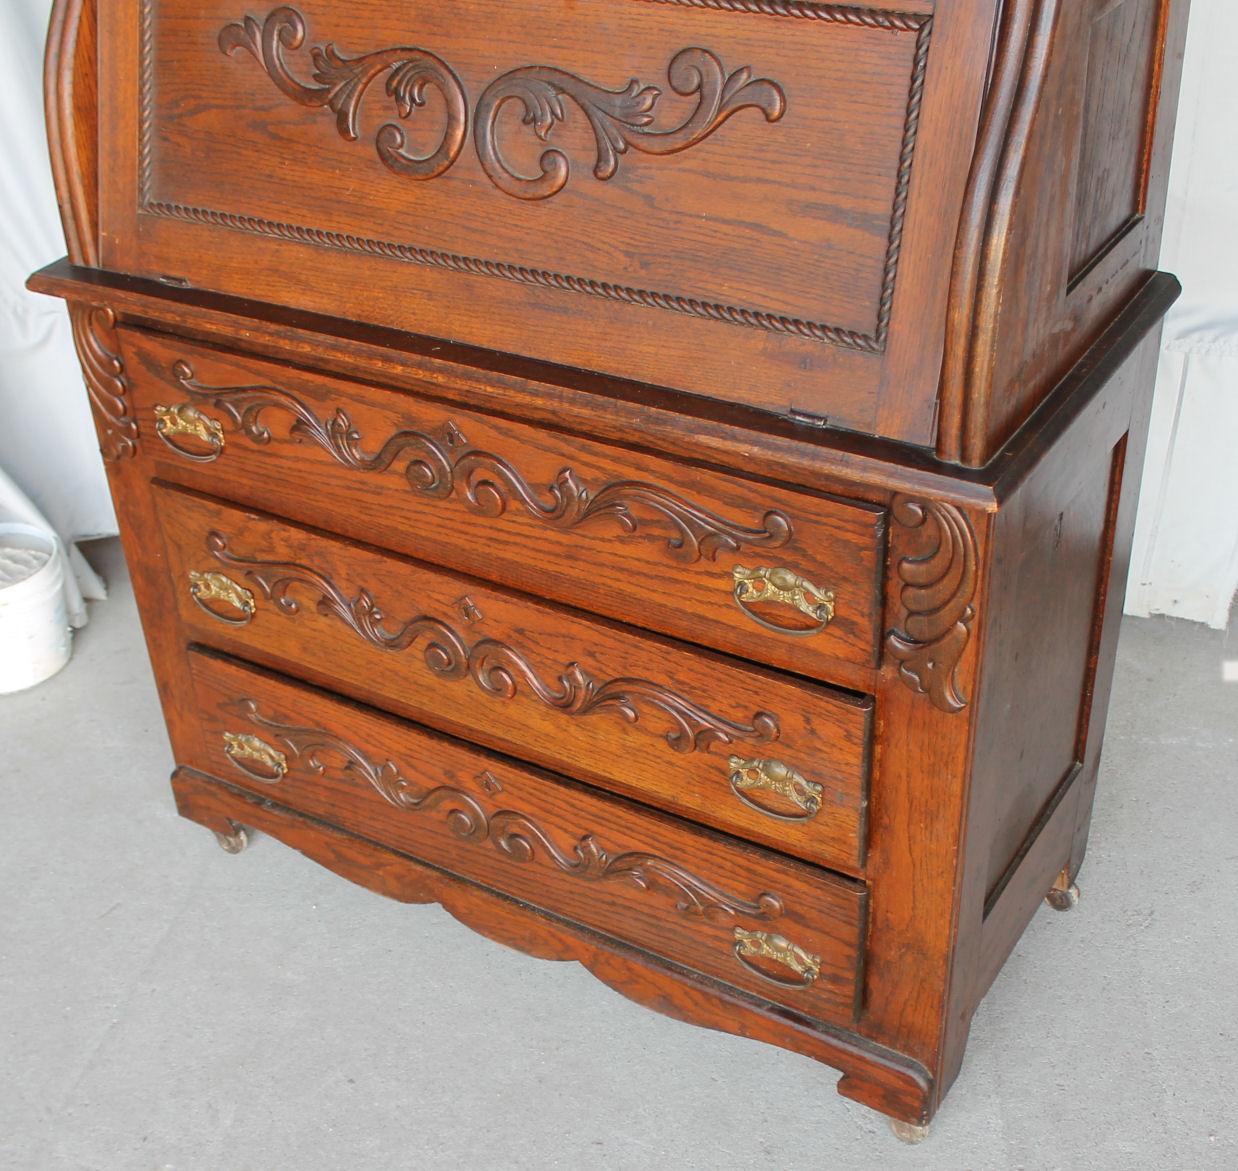 Bargain Johns Antiques  Oak Secretary Drop front Desk  orginal finish  Bargain Johns Antiques